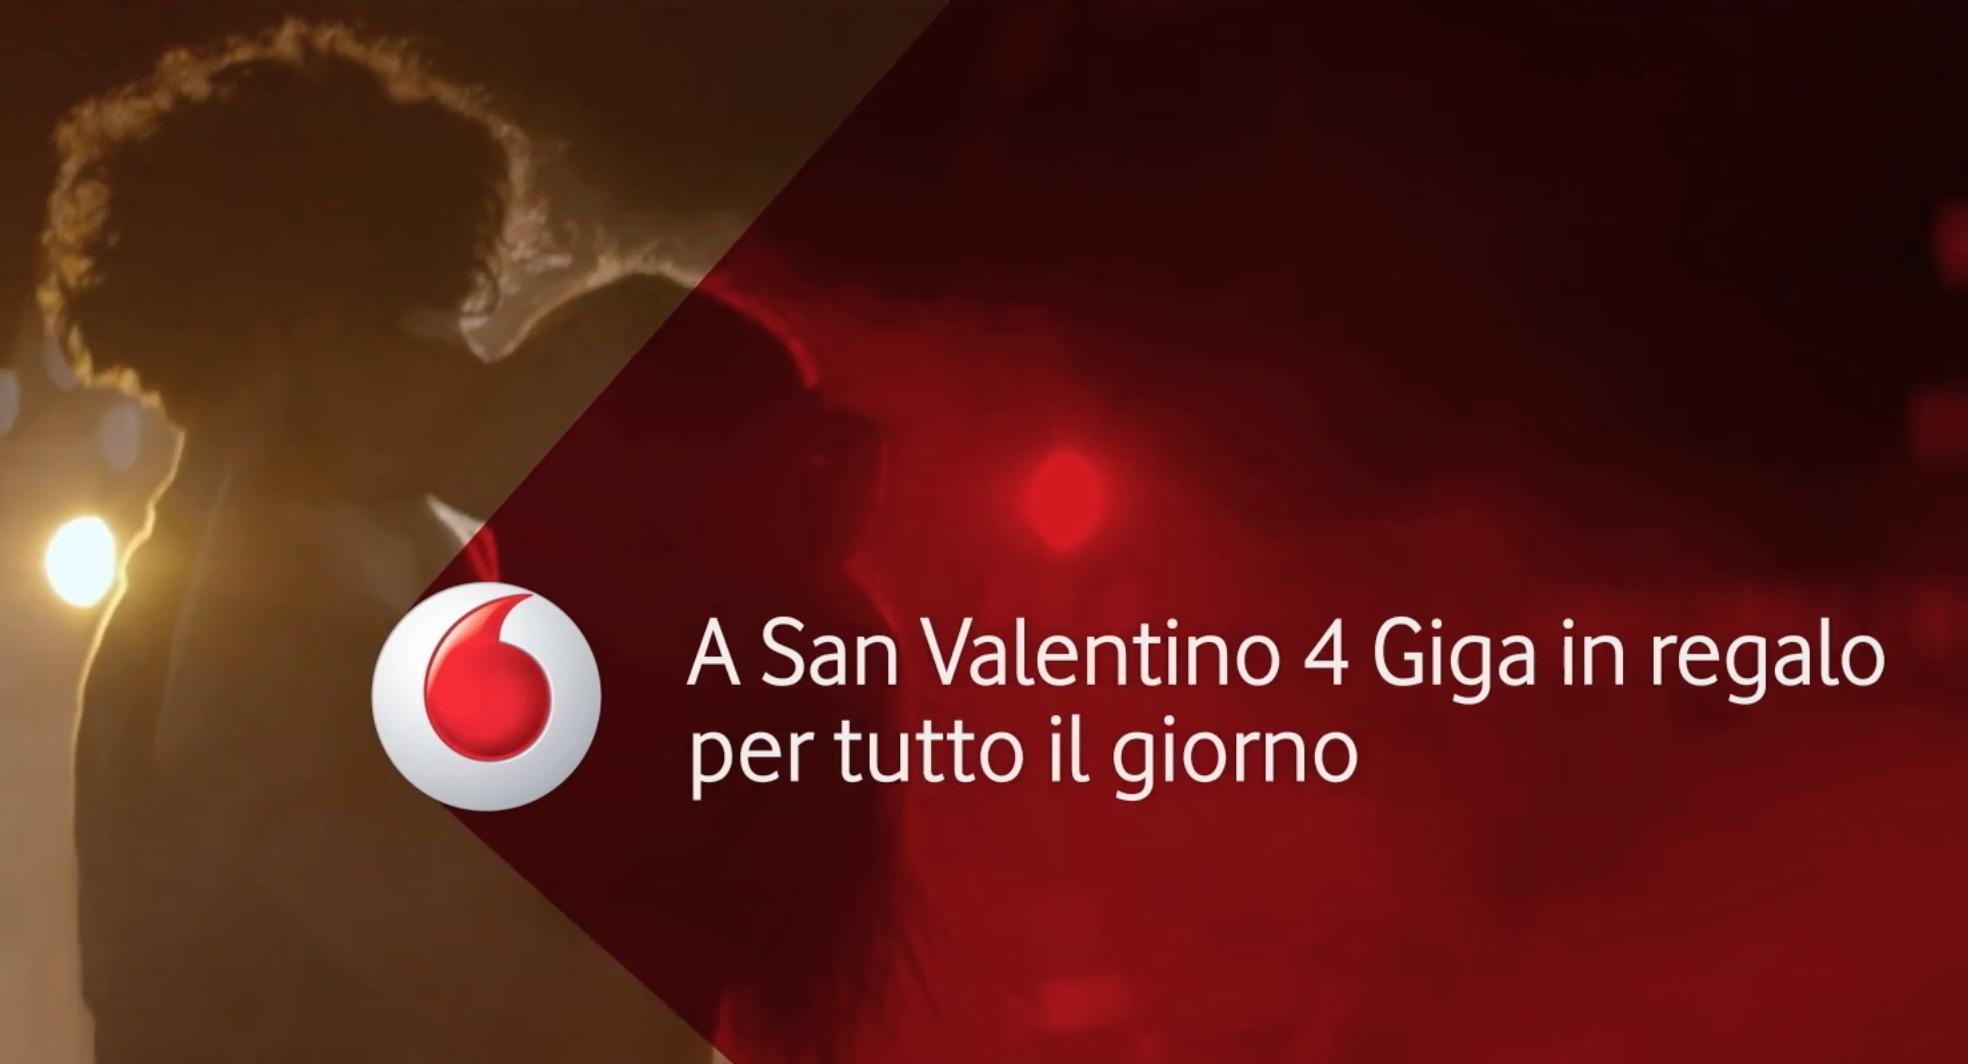 Vodafone promozione San Valentino: Internet in regalo per tutti i clienti